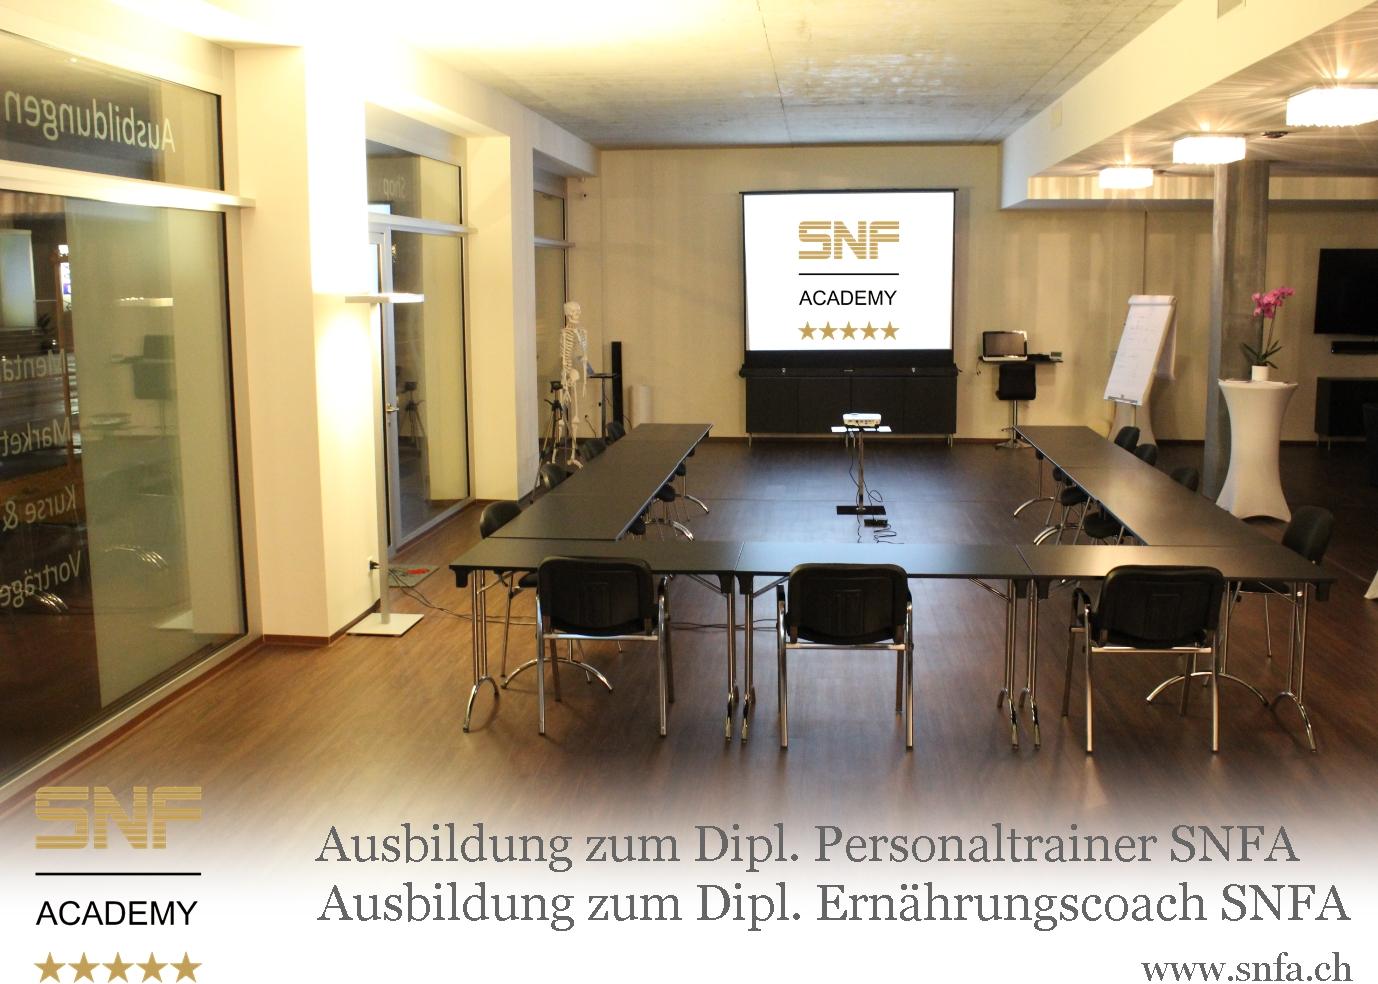 Ausbildungen SNF Academy